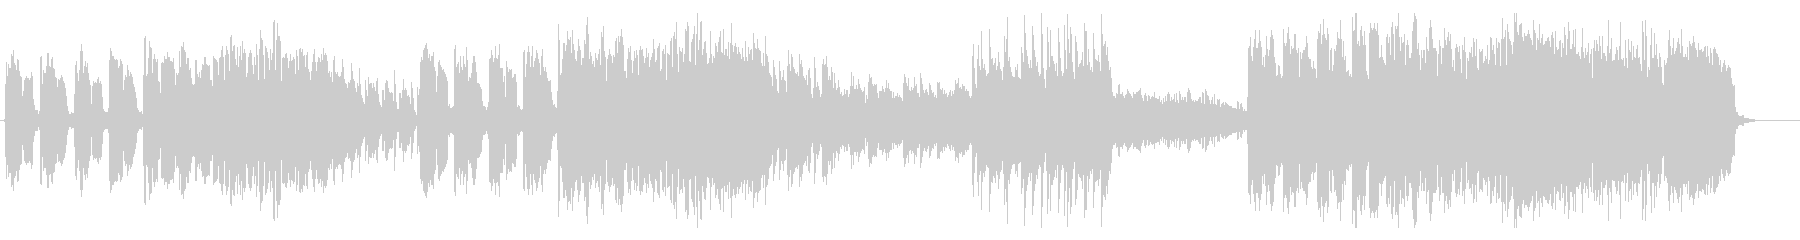 フルートとクラリネットによる軽快な音楽の未再生の波形